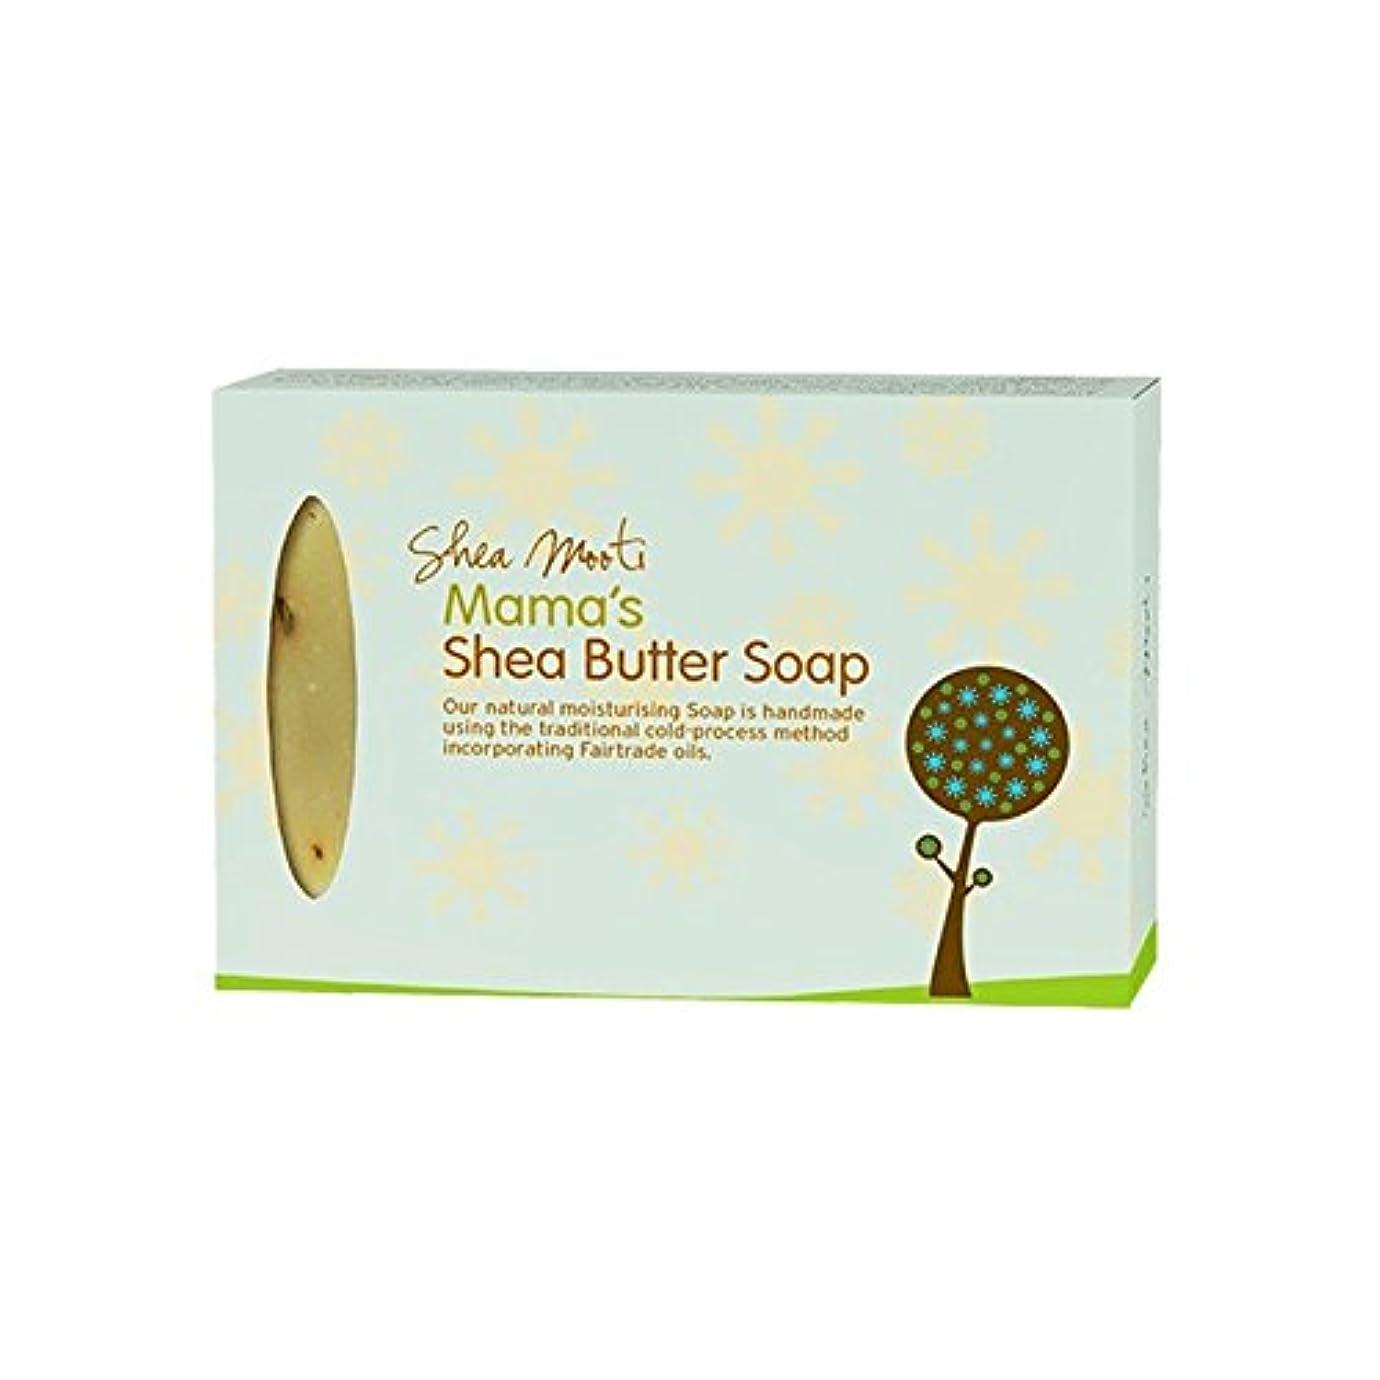 祭りギャラントリー曲がったシアバターMootiママのシアバターソープ100グラム - Shea Mooti Mama's Shea Butter Soap 100g (Shea Mooti) [並行輸入品]